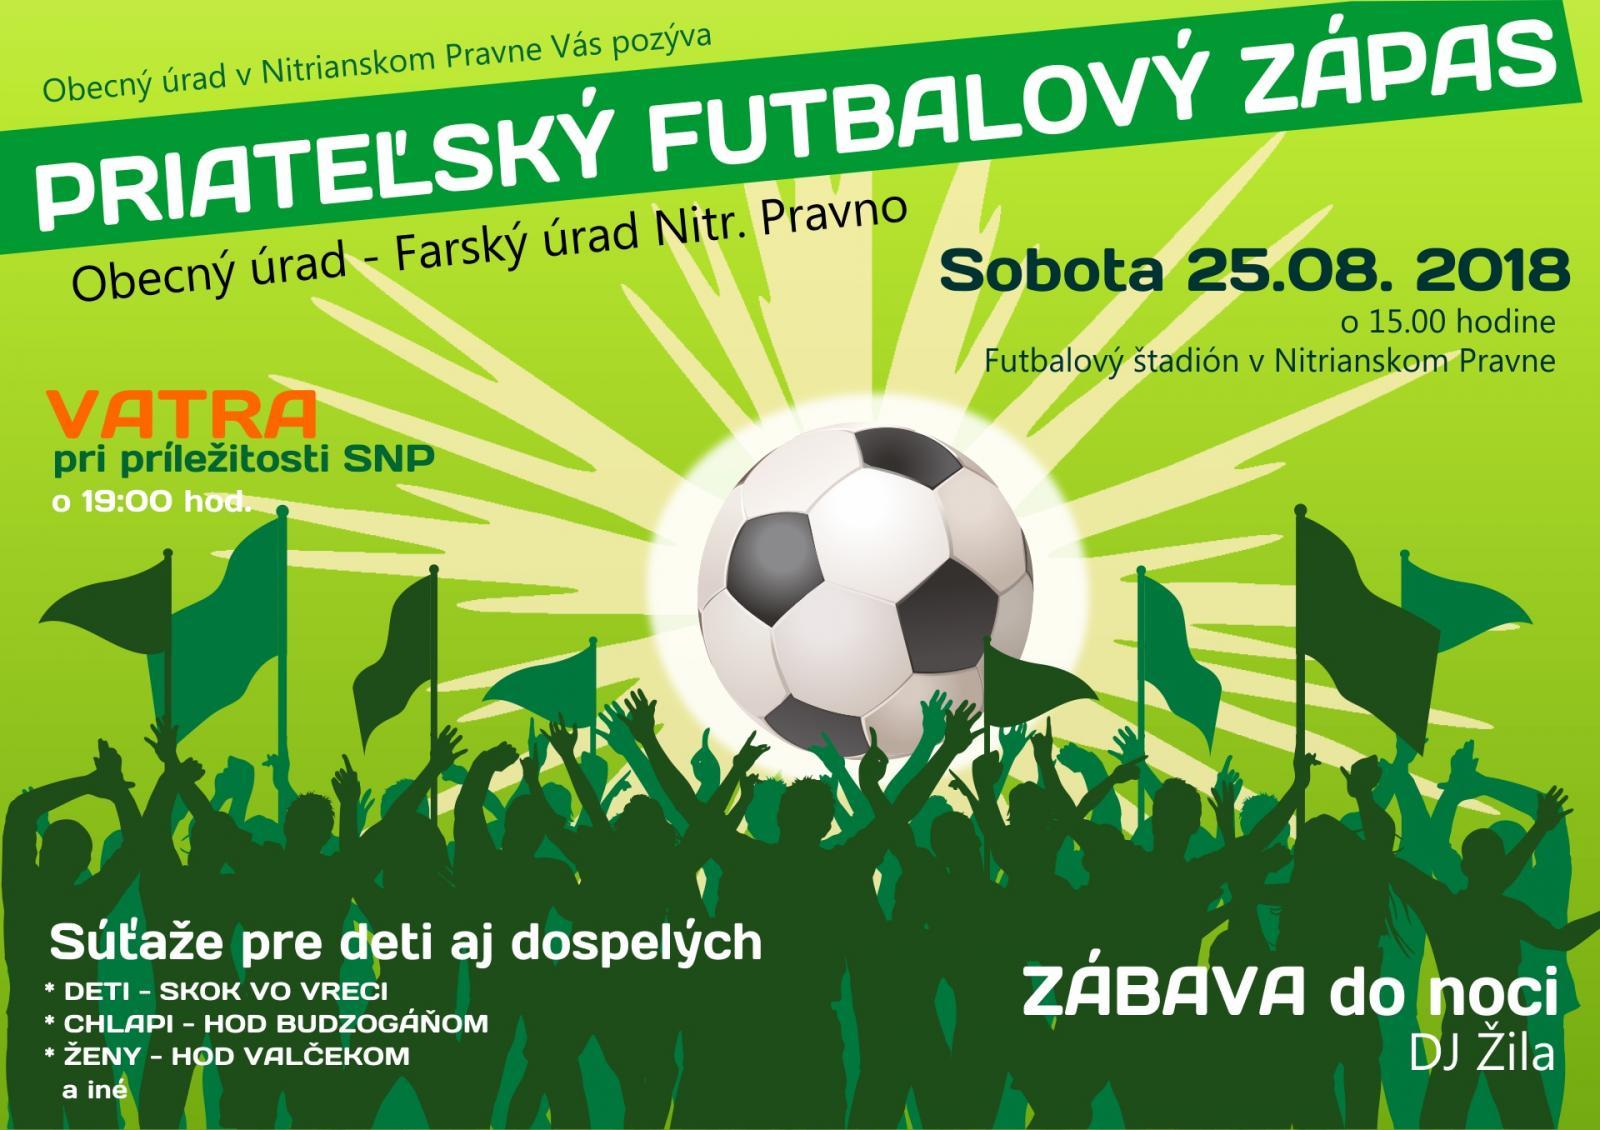 a574bf725 Pozvánka :: Vatra a Priateľský futbalový zápas Farský úrad a Obecný úrad